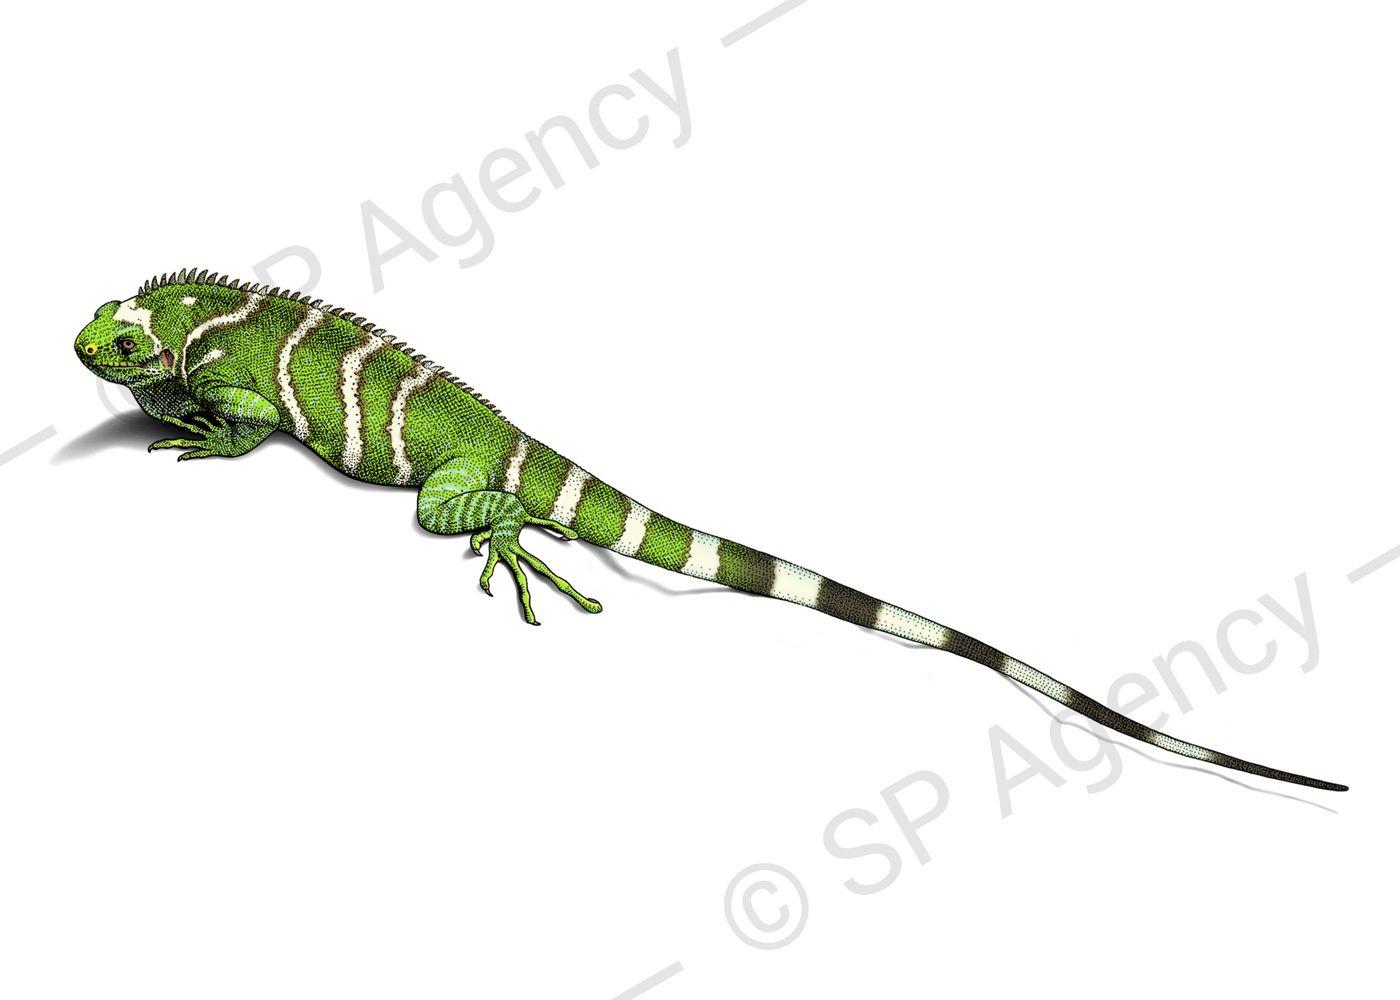 Crested-Iguana